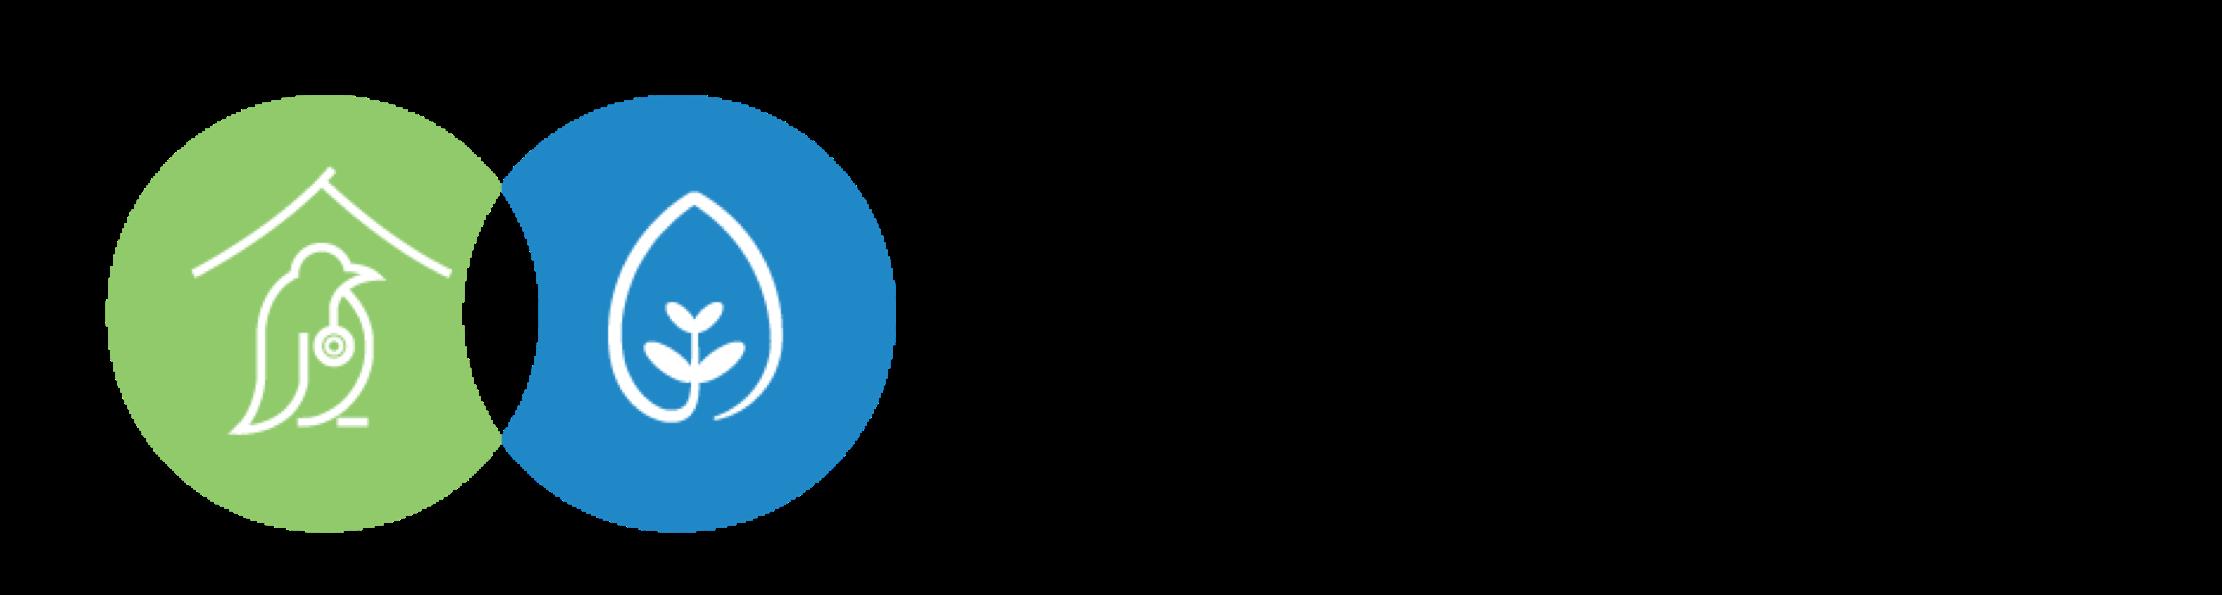 企鹅杏仁收购于莺科技 全面提升跨平台医疗服务及全科体系